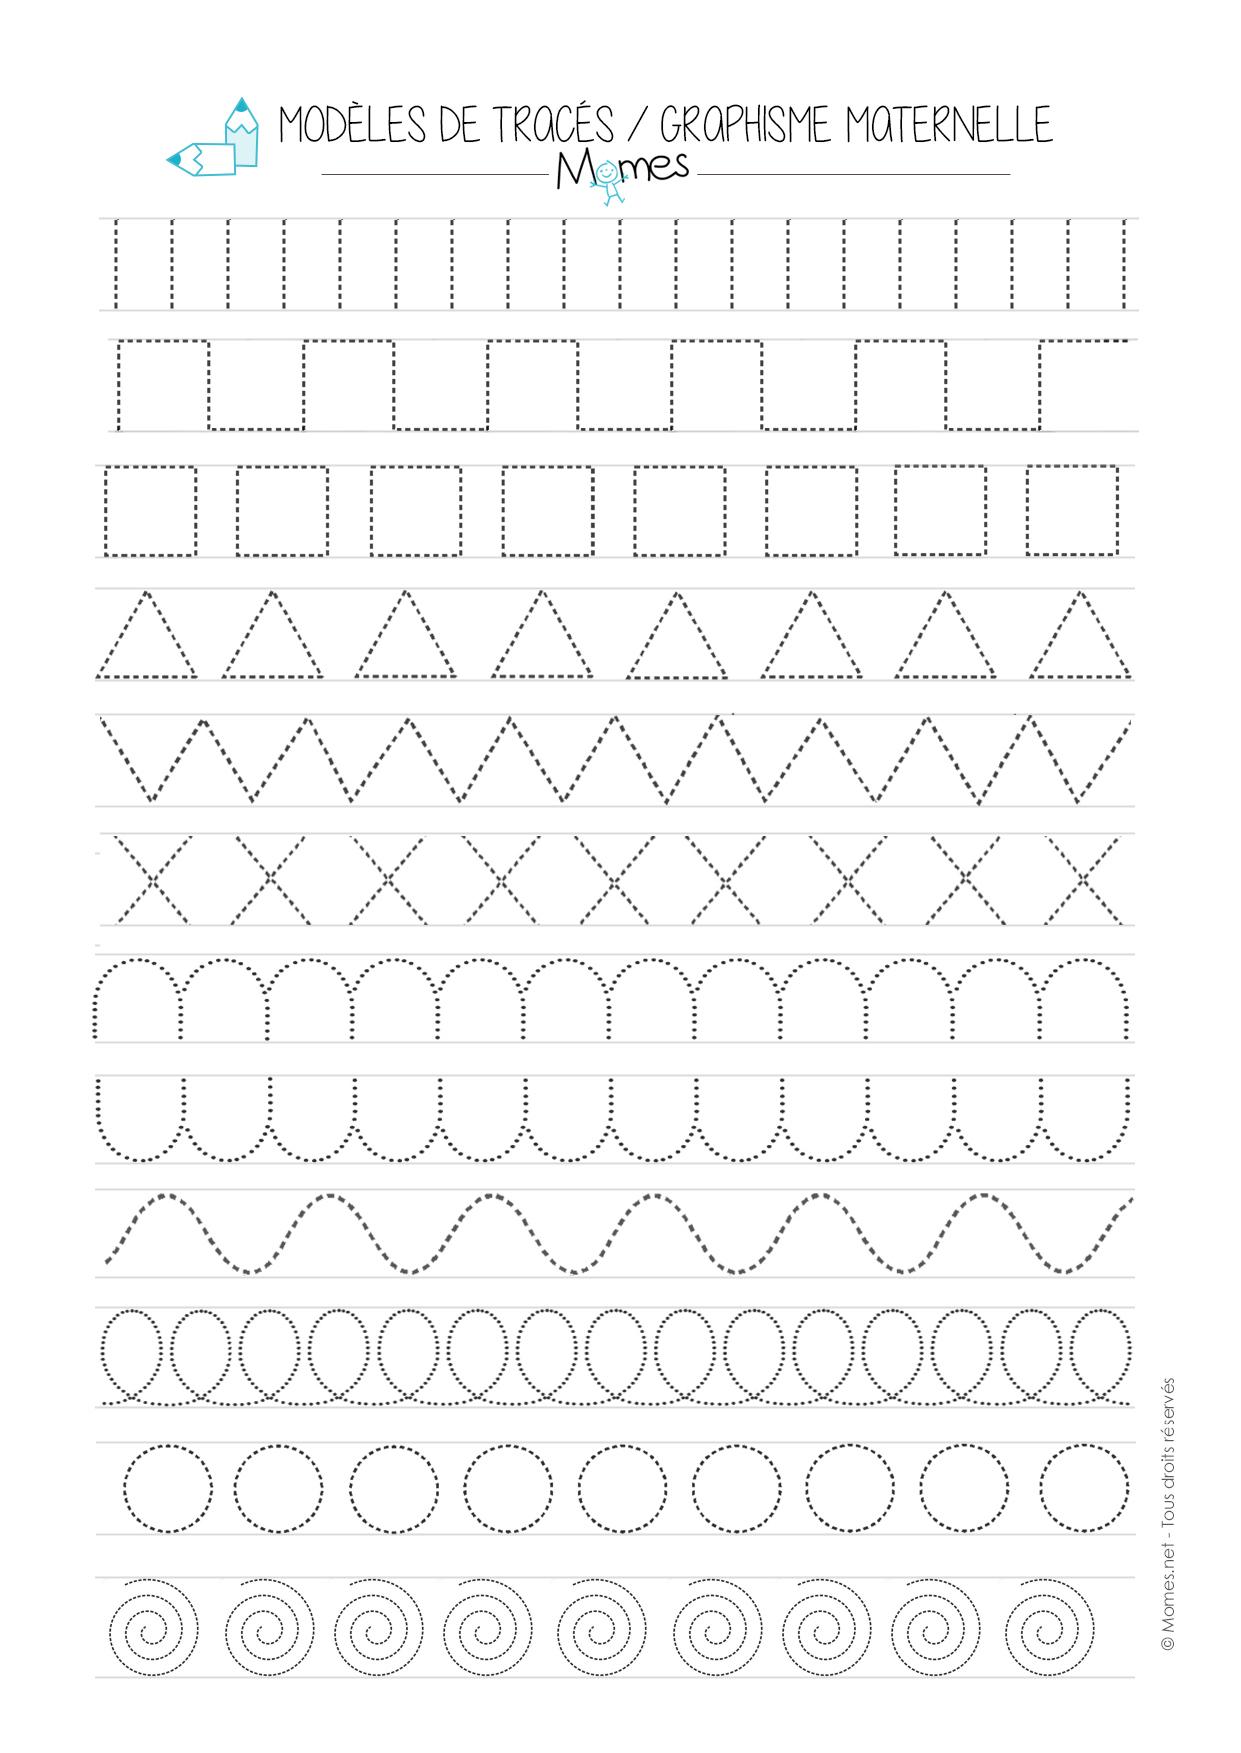 Modèles De Graphisme En Pointillé - Momes encequiconcerne Fiche Graphisme Ms